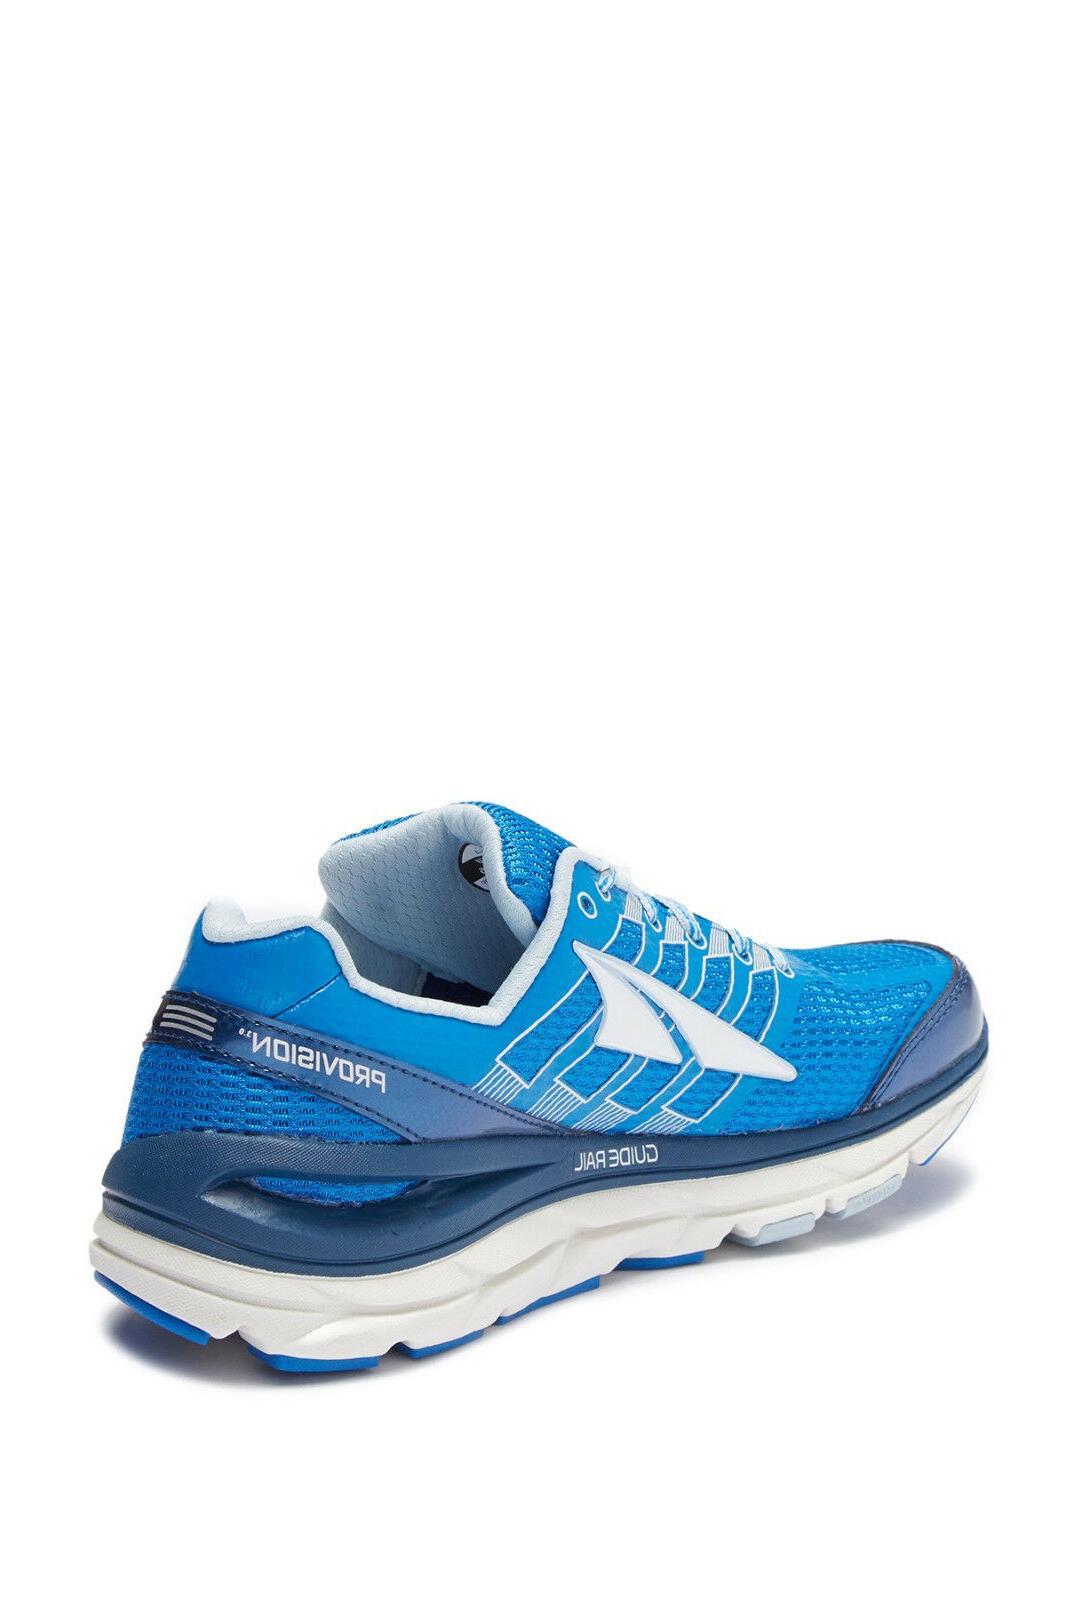 Altra 3.0 Shoes, D, Blue, NEW!